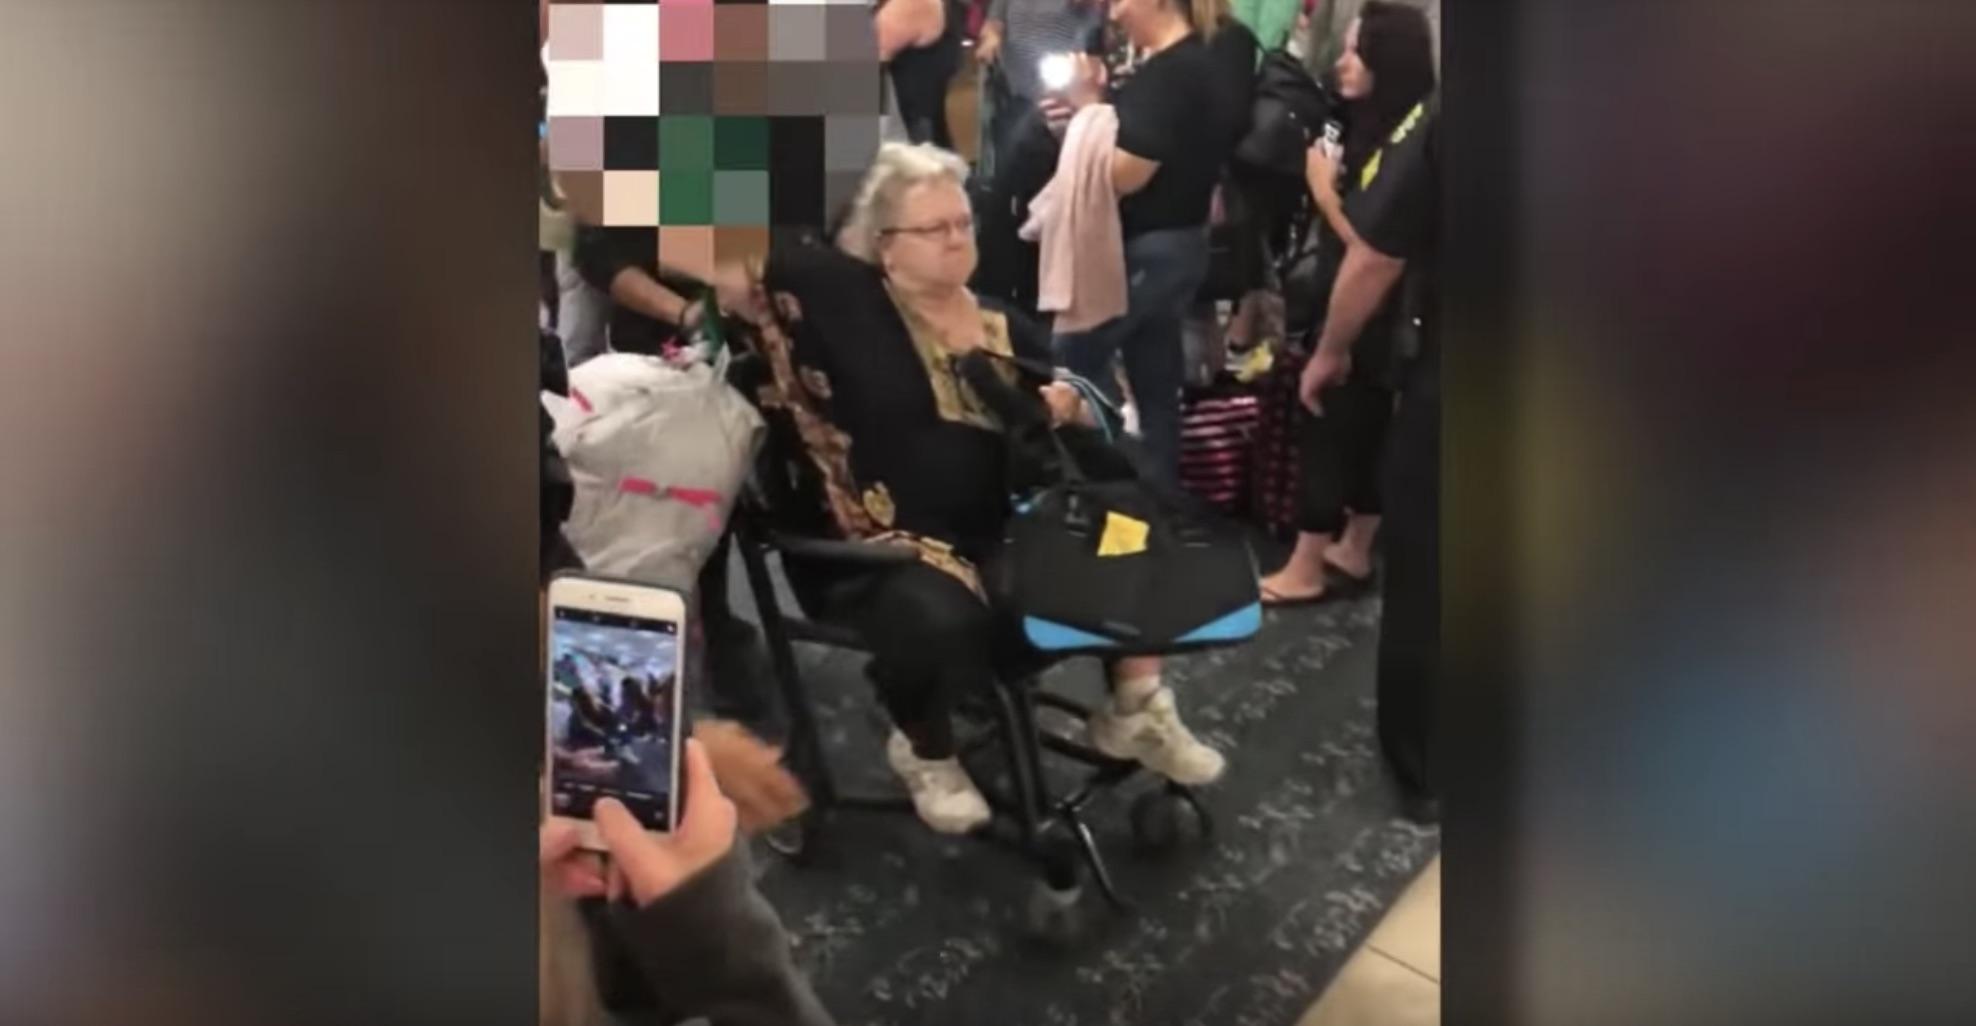 La pasajera Cindy Torok al ser expulsada del vuelo de Frontier Airlines (Captura video)